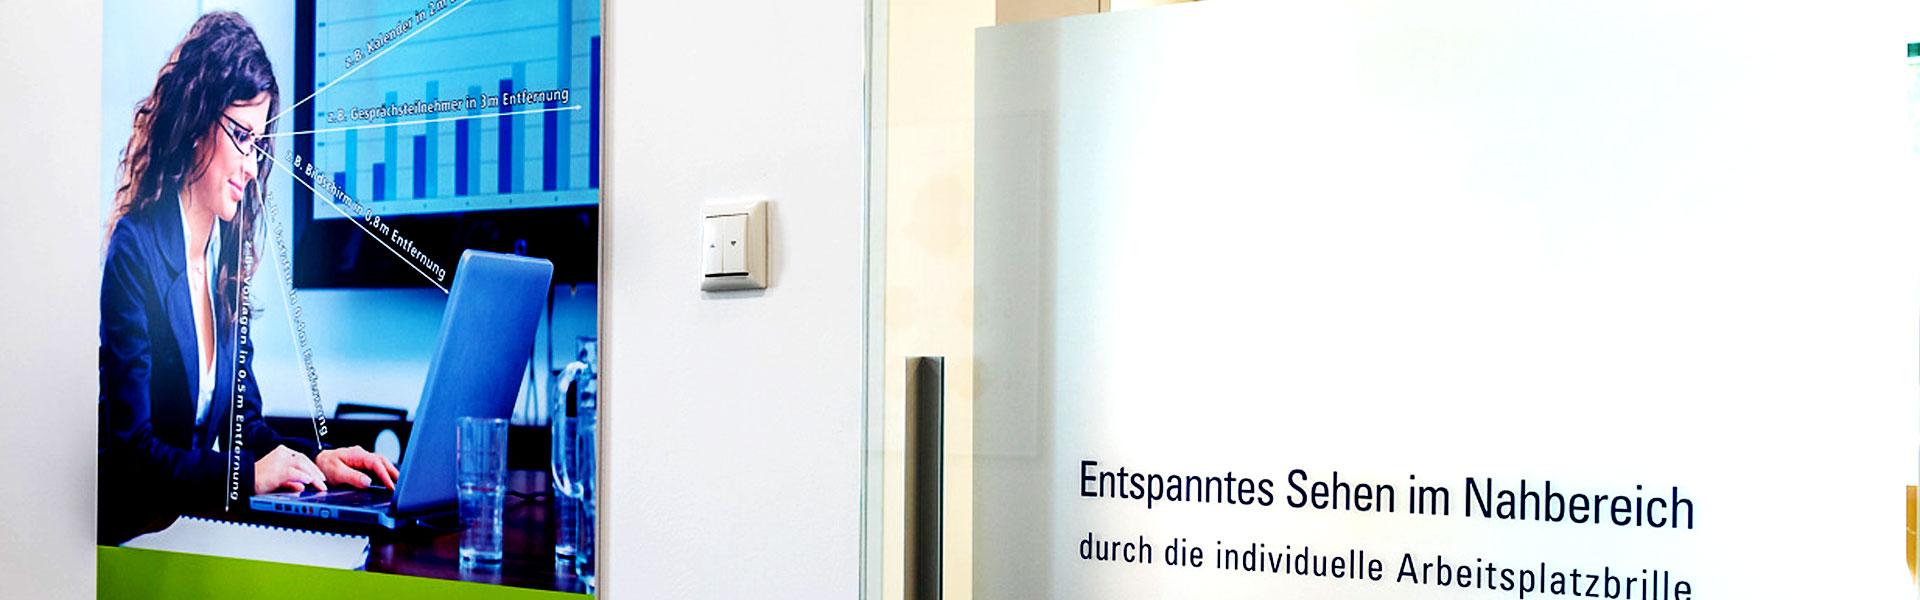 Arbeitsplatzbrille Augenoptiker Dotterweich